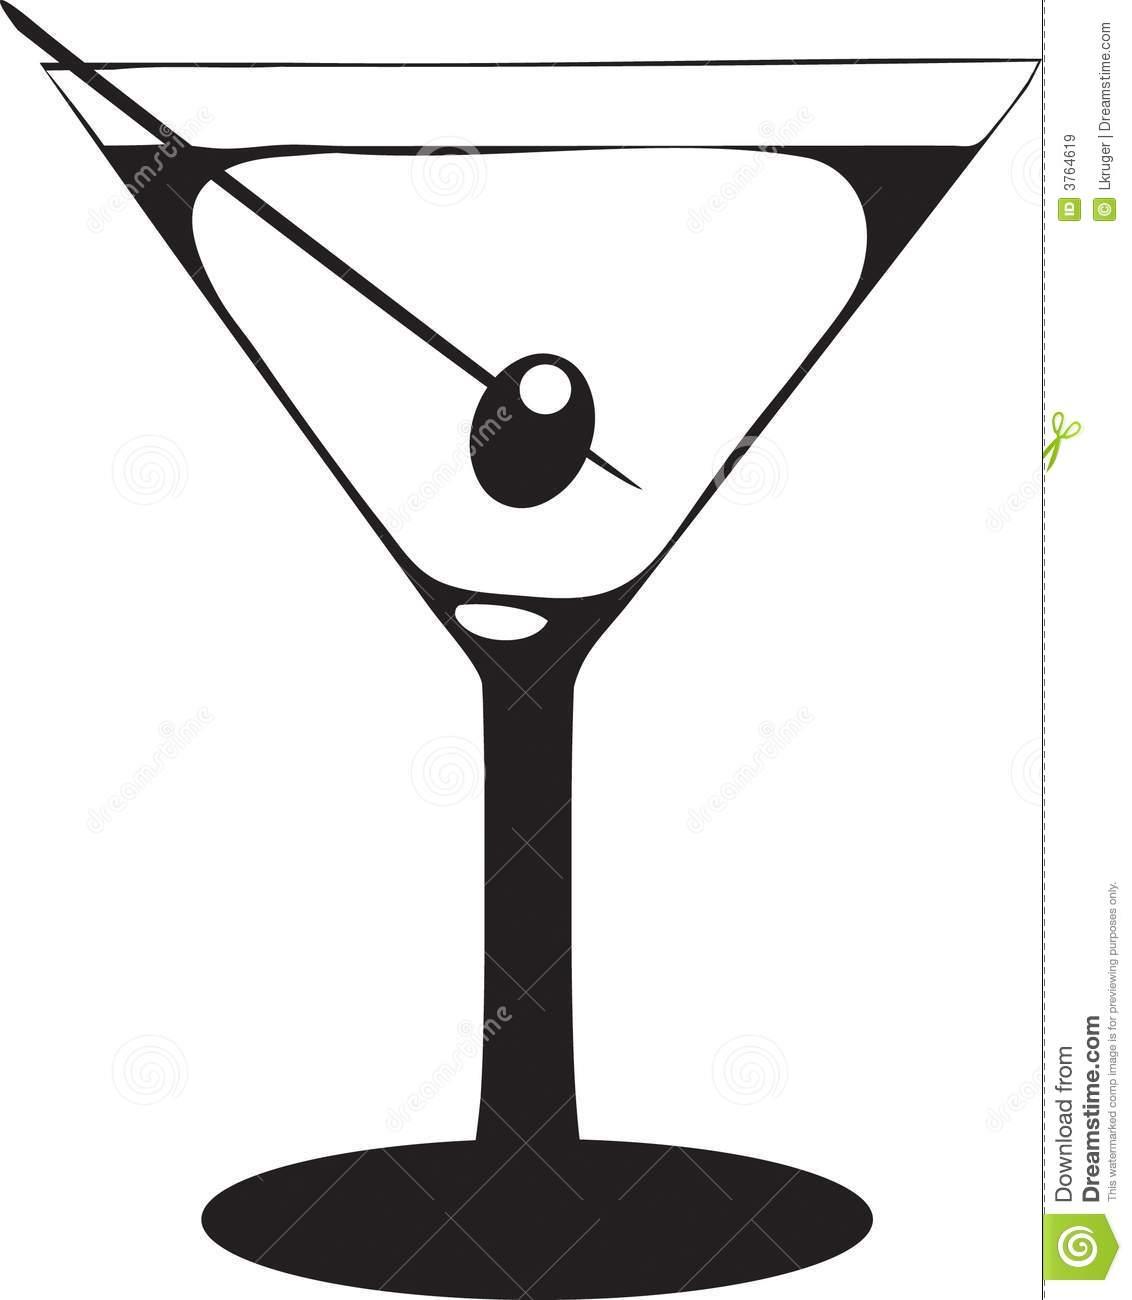 1132x1300 Martini Glass Clip Art